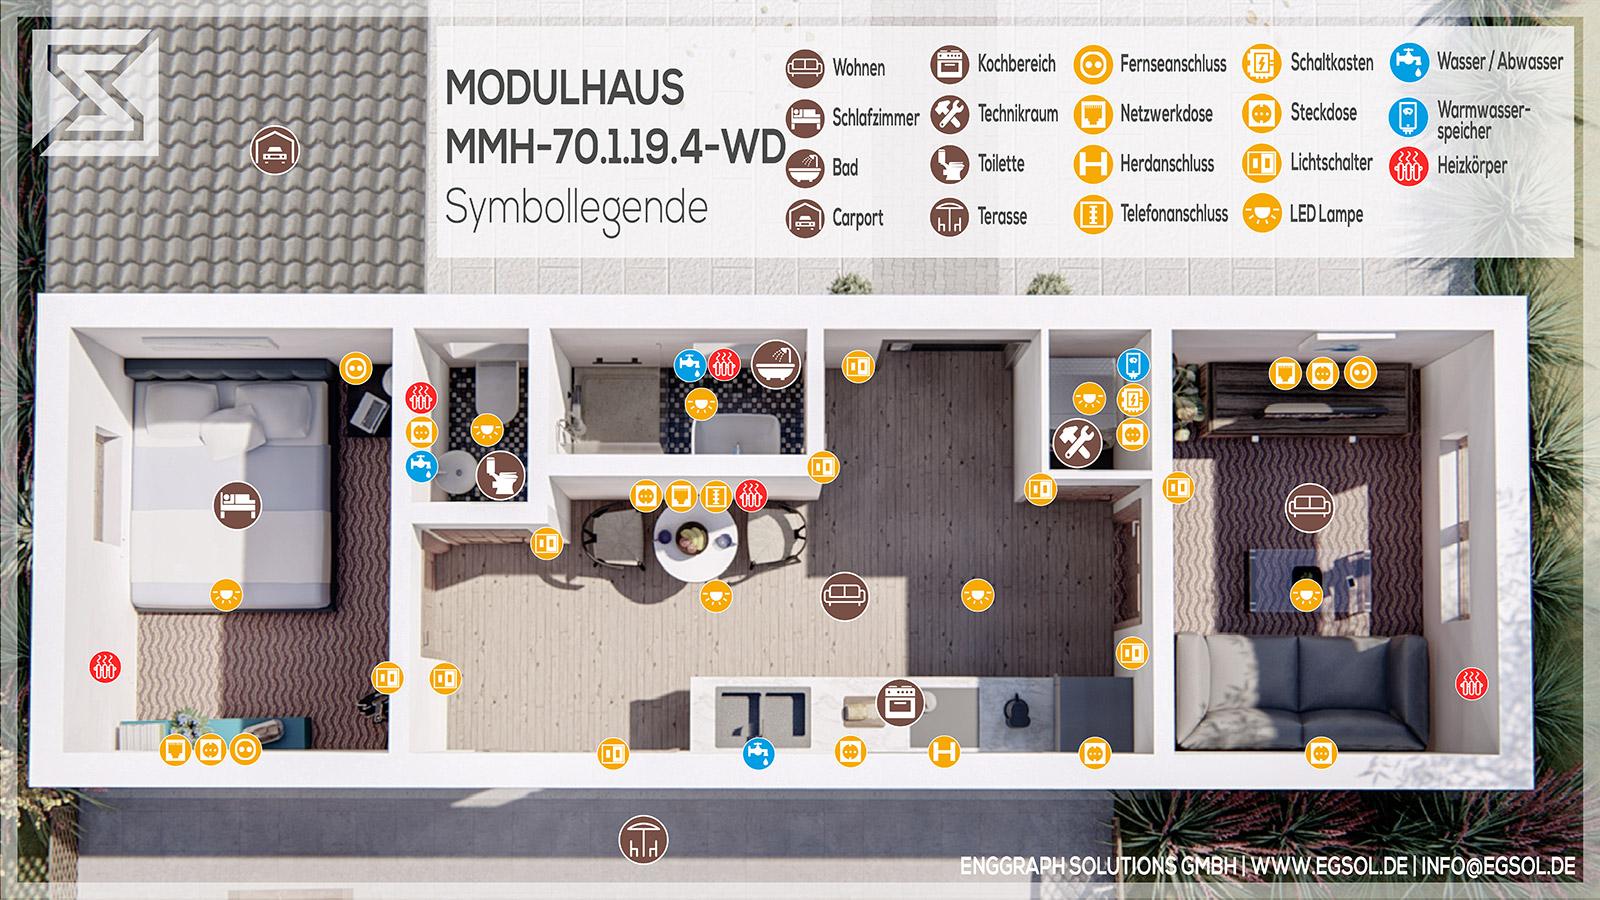 Modulhaus Grundriss-Interieur MMH.70.1.19.4